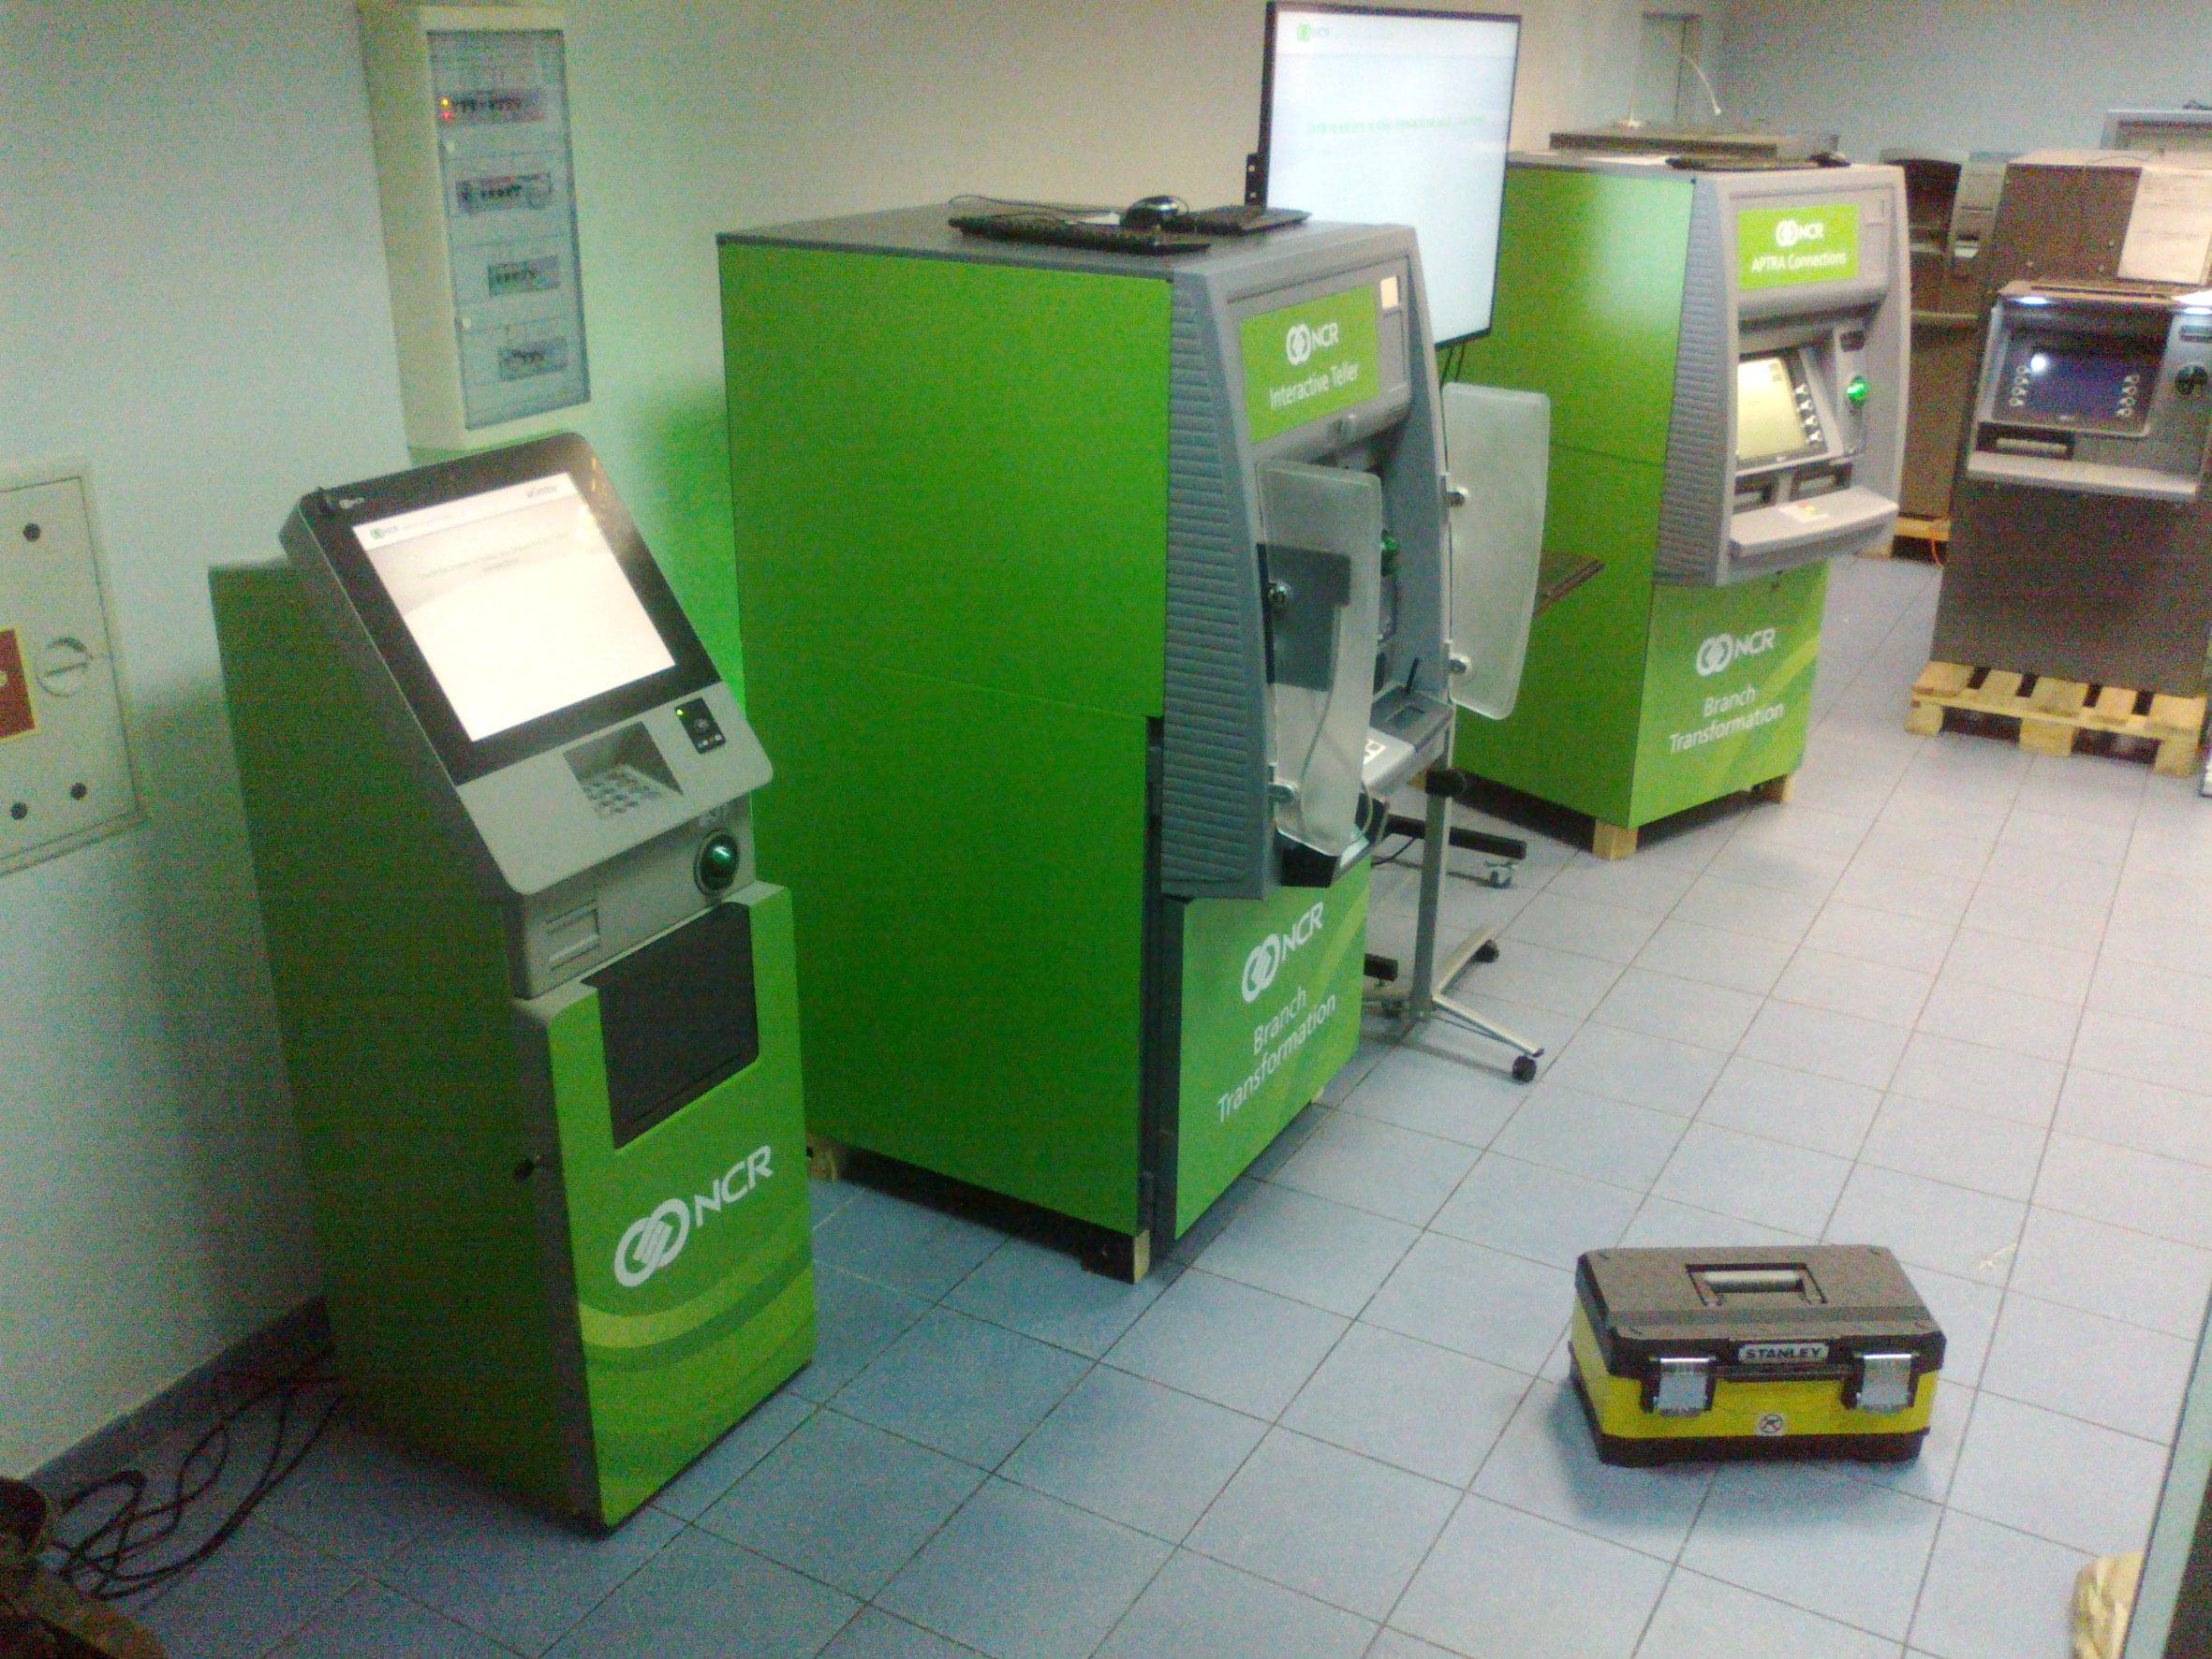 Image de marque ATM